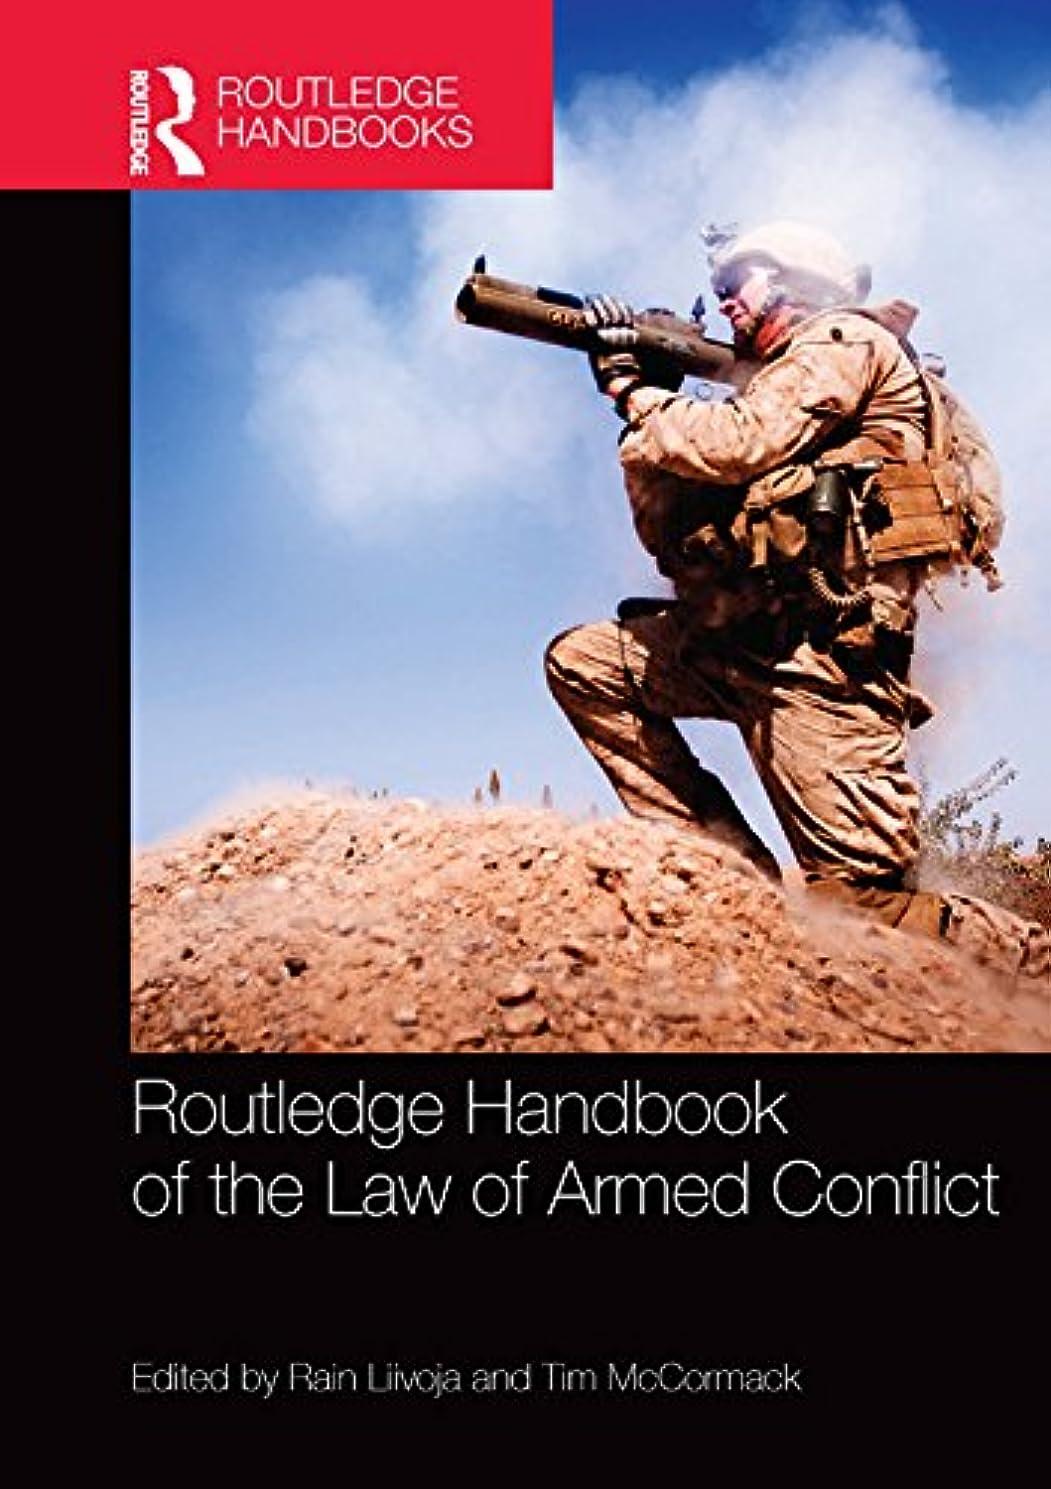 合法記事拒絶Routledge Handbook of the Law of Armed Conflict (Routledge Handbooks) (English Edition)